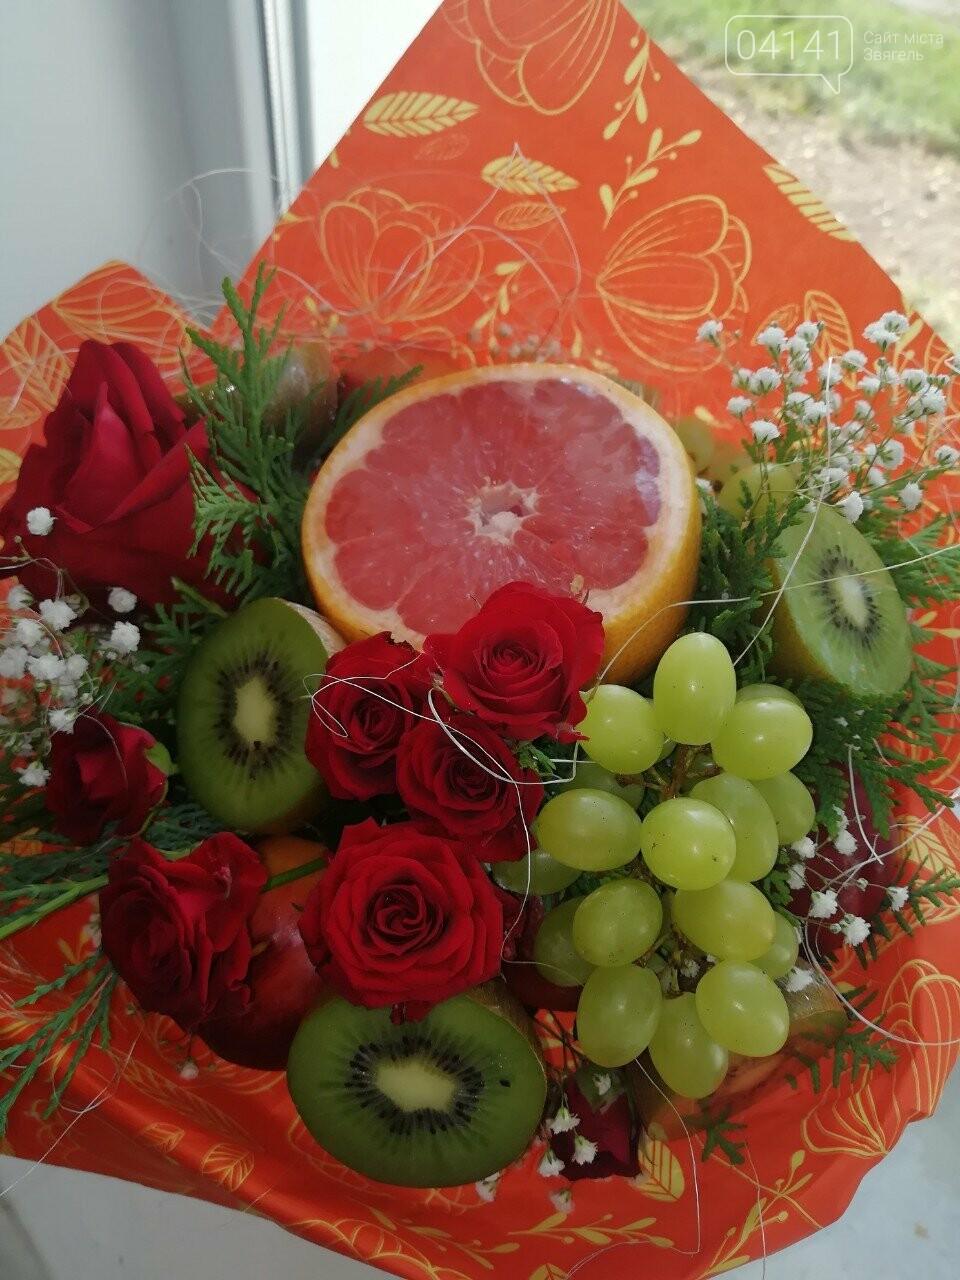 Знайомтеся, це Анна з Новограду - майстриня, яка створює неймовірні фруктові букети, фото-9